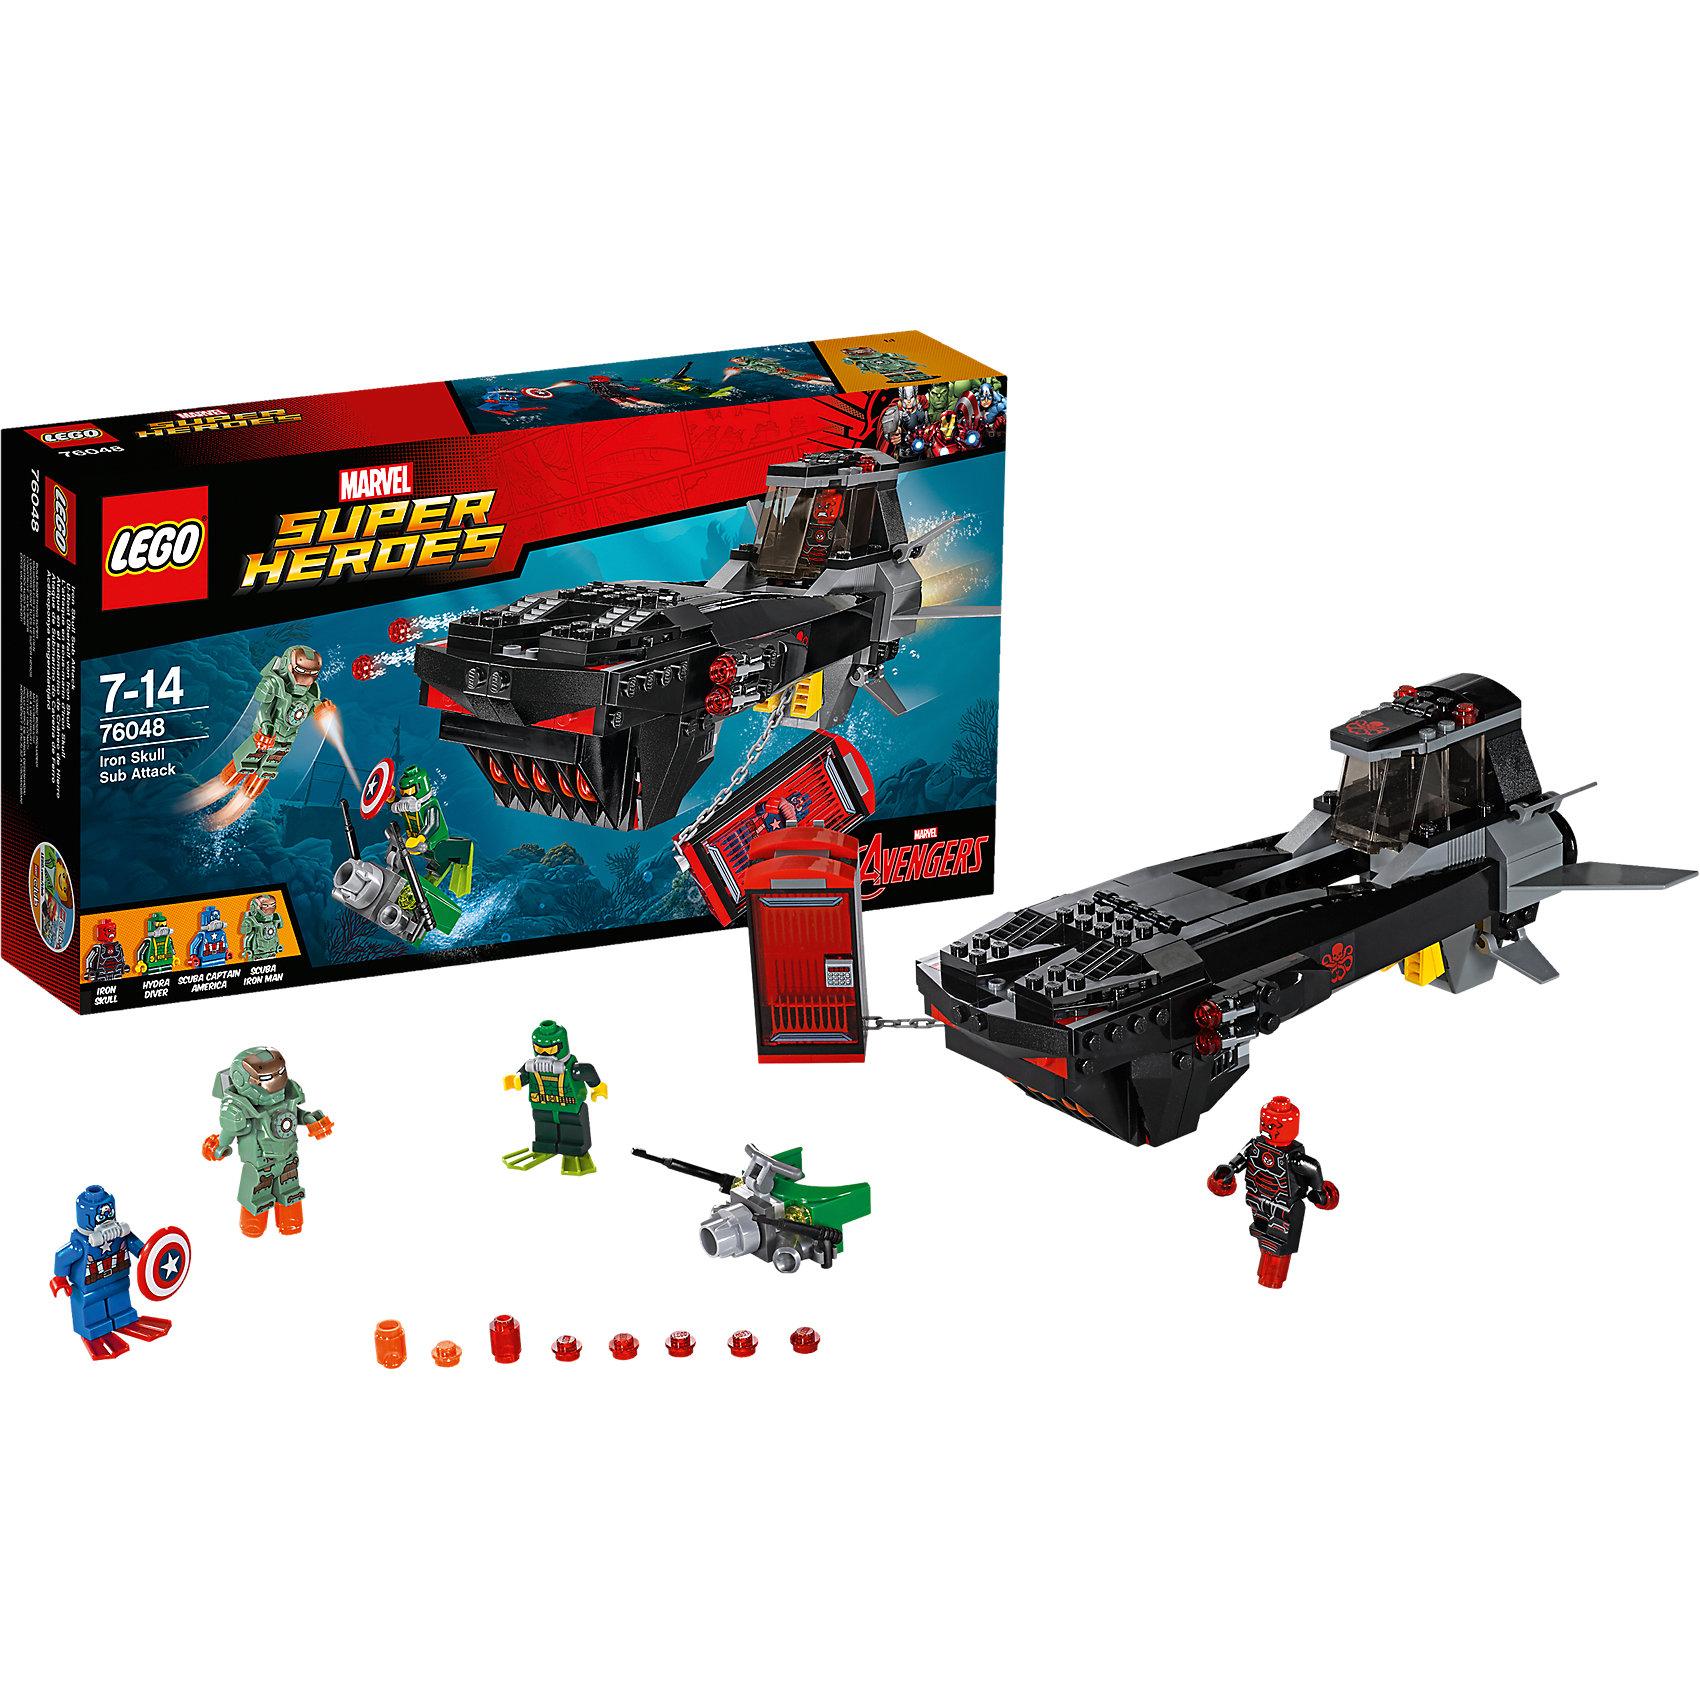 LEGO Super Heroes 76048: Похищение Капитана АмерикаЖелезный череп поймал Капитана Америка в ловушку на своей удивительной подводной лодке! Погрузись глубоко под воду вместе с Железным человеком в костюме водолаза, чтобы спасти одного из Мстителей. Отражай атаки Гидры и уворачивайся от выстрелов из шутеров подлодки. Затем встреться лицом к лицу с Железным черепом и срази его, чтобы освободить Капитана Америка!<br><br>LEGO Super Heroes (ЛЕГО Супер Герои) - серия конструкторов созданная специально по мотивам всеми известных комиксов. Спасай мир и борись со злом вместе с любимыми супергероями! Наборы серии можно комбинировать между собой, давая безграничные просторы для фантазии и придумывая свои новые истории. <br><br>Дополнительная информация:<br><br>- Конструкторы ЛЕГО развивают усидчивость, внимание, фантазию и мелкую моторику. <br>- 4 минифигурки в комплекте, Железный Человек, Железный Череп, Капитан Америка, Гидра. <br>- В комплекте 4 минифигурки, аксессуары, подводная лодка с клеткой. <br>- Количество деталей: 335.<br>- Серия ЛЕГО Супер Герои (LEGO Super Heroes).<br>- Материал: пластик.<br>- Размер упаковки: 35,4х7х19 см.<br>- Вес: 0.54 кг.<br><br>Конструктор LEGO Super Heroes 76048: Похищение Капитана Америка можно купить в нашем магазине.<br><br>Ширина мм: 355<br>Глубина мм: 192<br>Высота мм: 73<br>Вес г: 540<br>Возраст от месяцев: 84<br>Возраст до месяцев: 168<br>Пол: Мужской<br>Возраст: Детский<br>SKU: 4259158